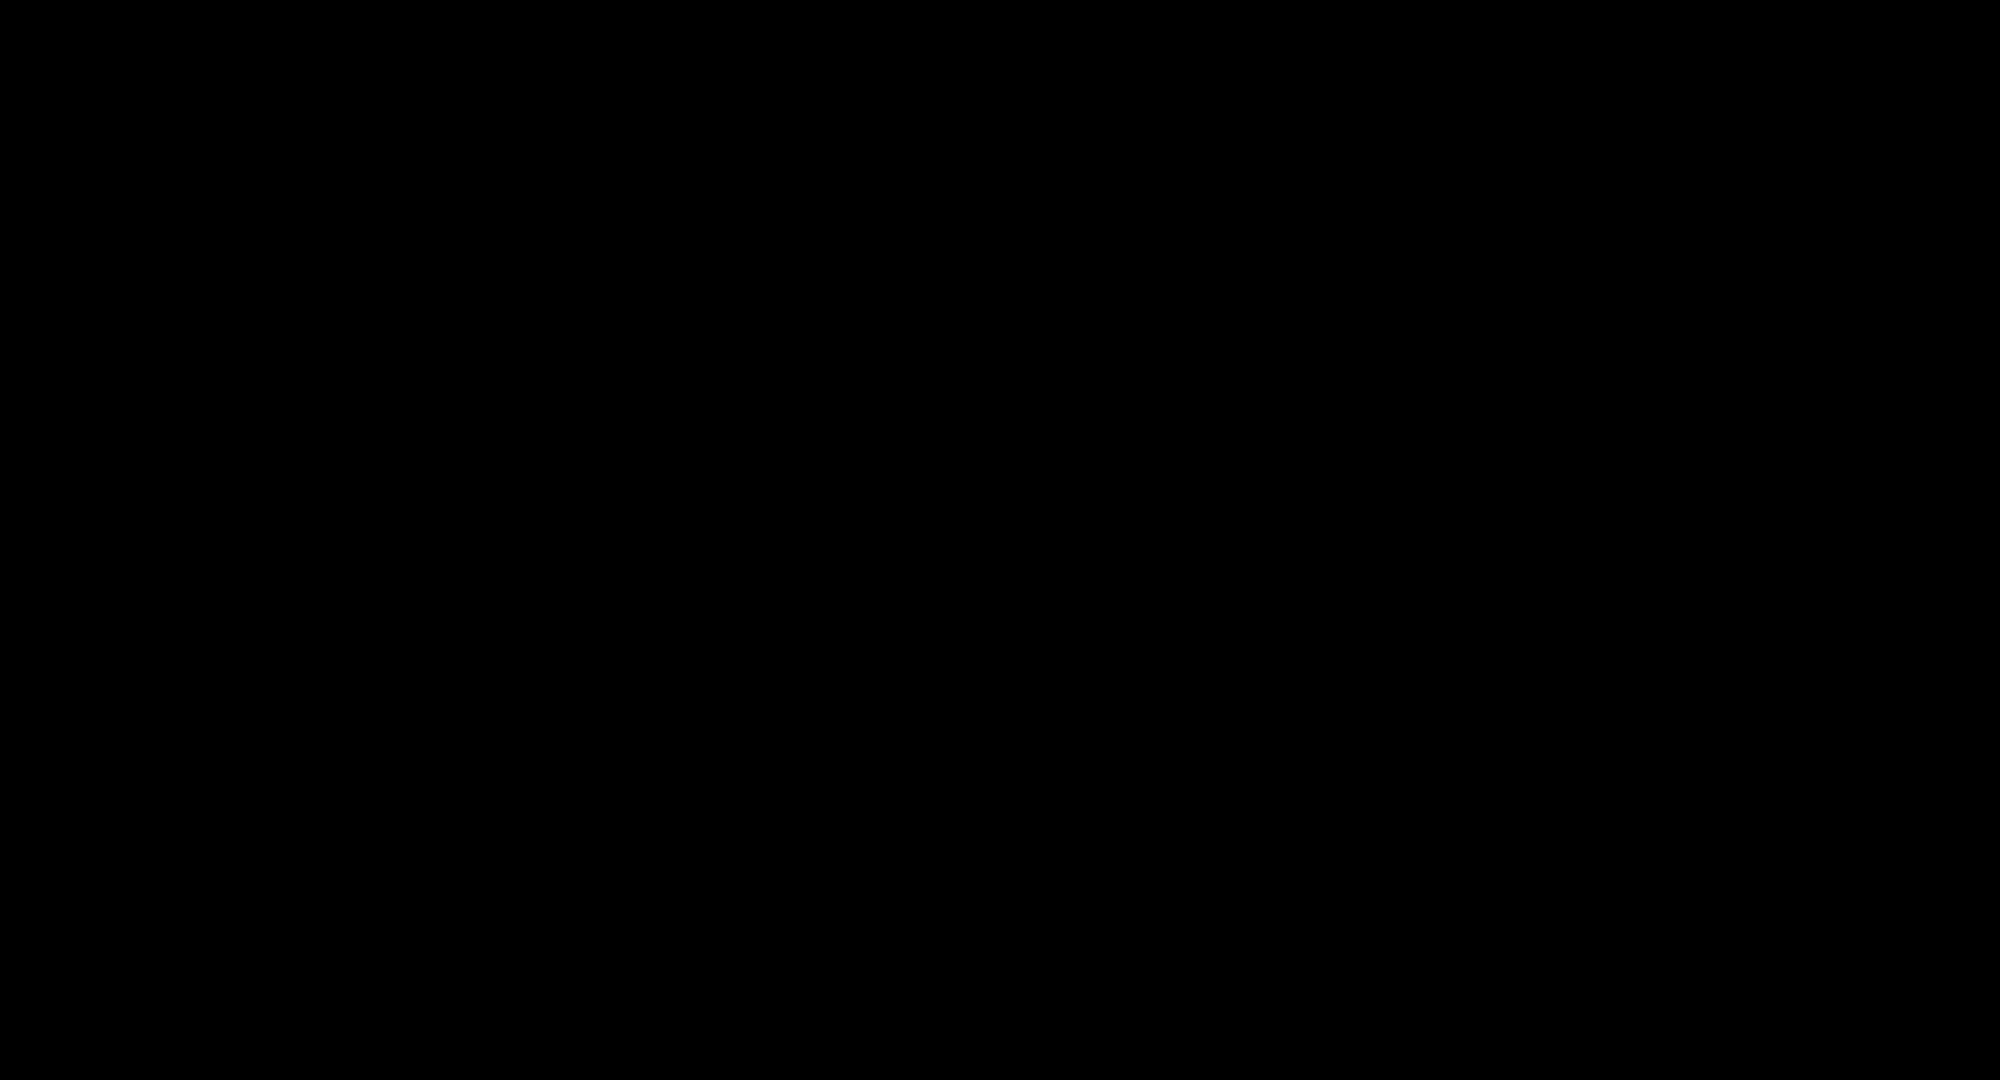 Deagle svg wikimedia commons. Clipart gun file